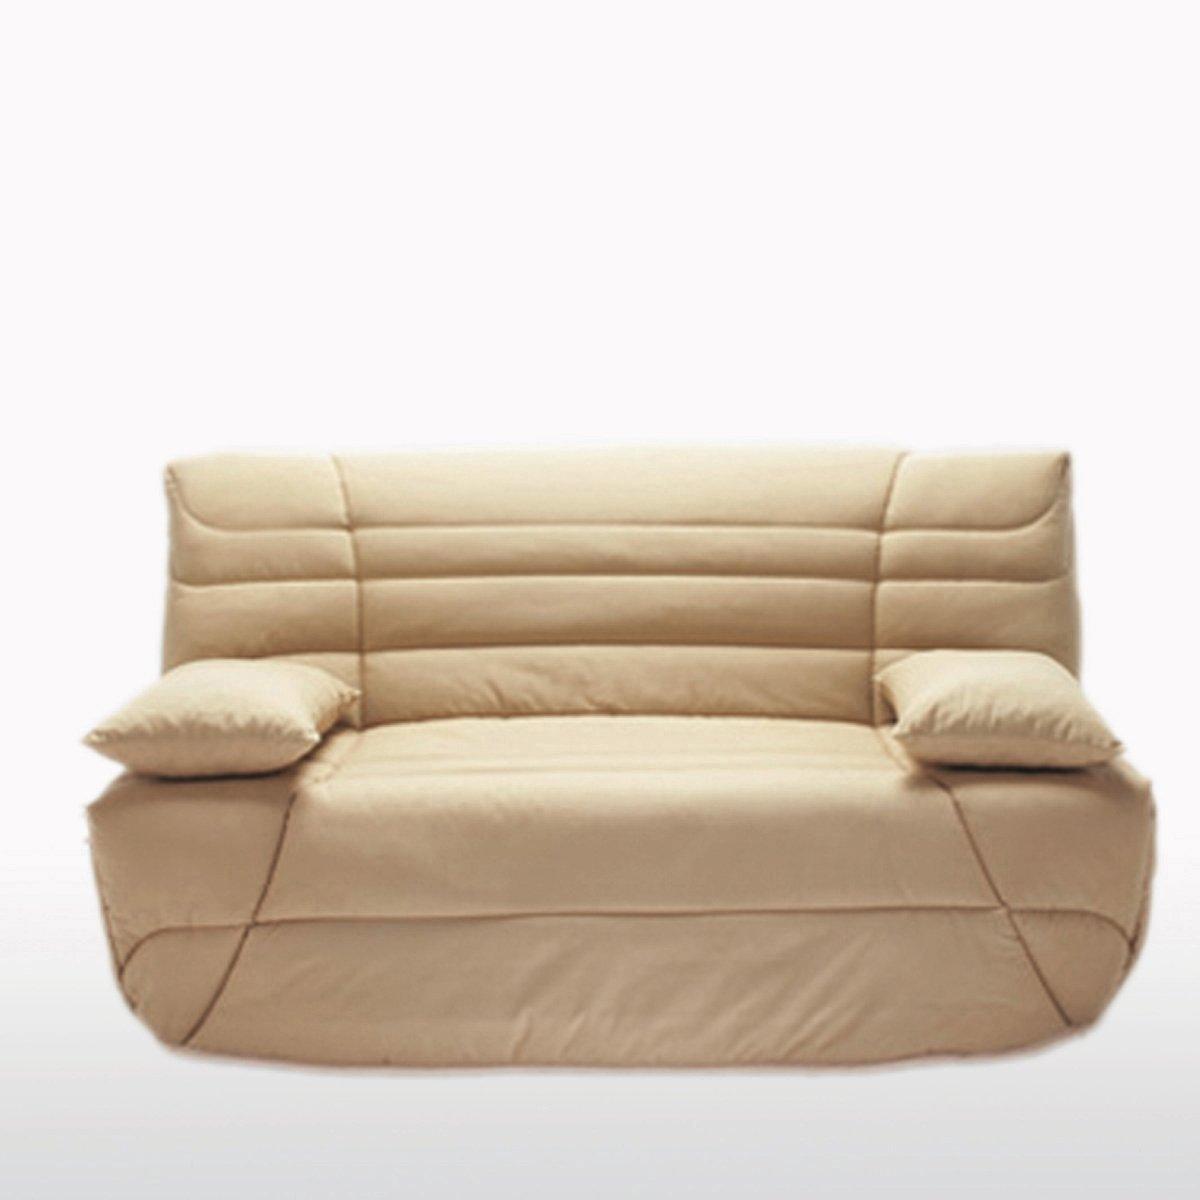 Чехол La Redoute Стеганый BZ толщина см 90 x 190 см бежевый чехол стеганый для раскладного дивана scénario